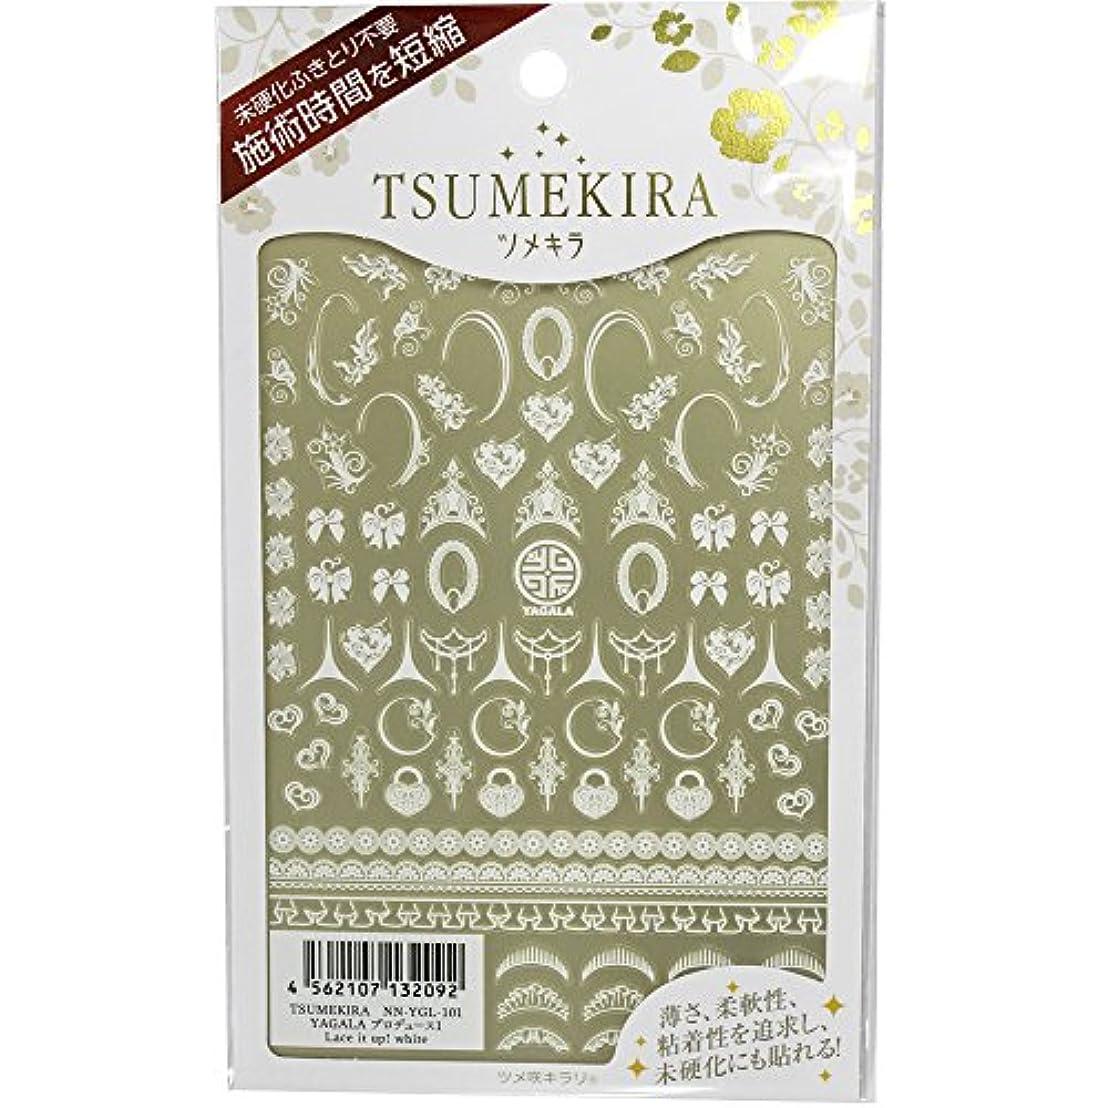 確かめるジョリー背骨TSUMEKIRA(ツメキラ) ネイルシール YAGALAプロデュース1 Lace it up! white NN-YGL-101